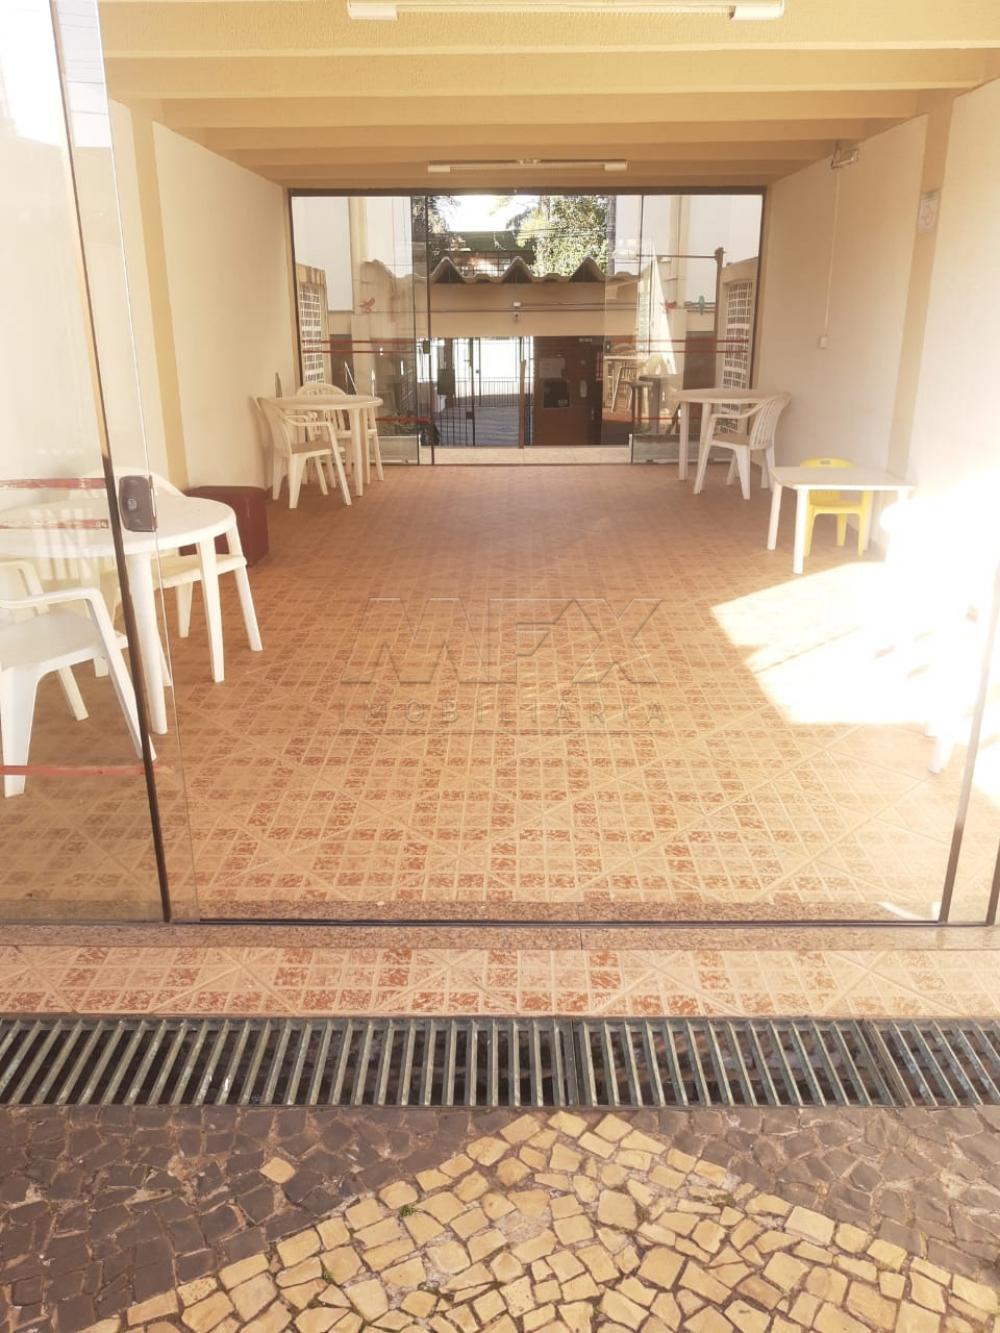 Comprar Apartamento / Padrão em Bauru R$ 154.000,00 - Foto 18